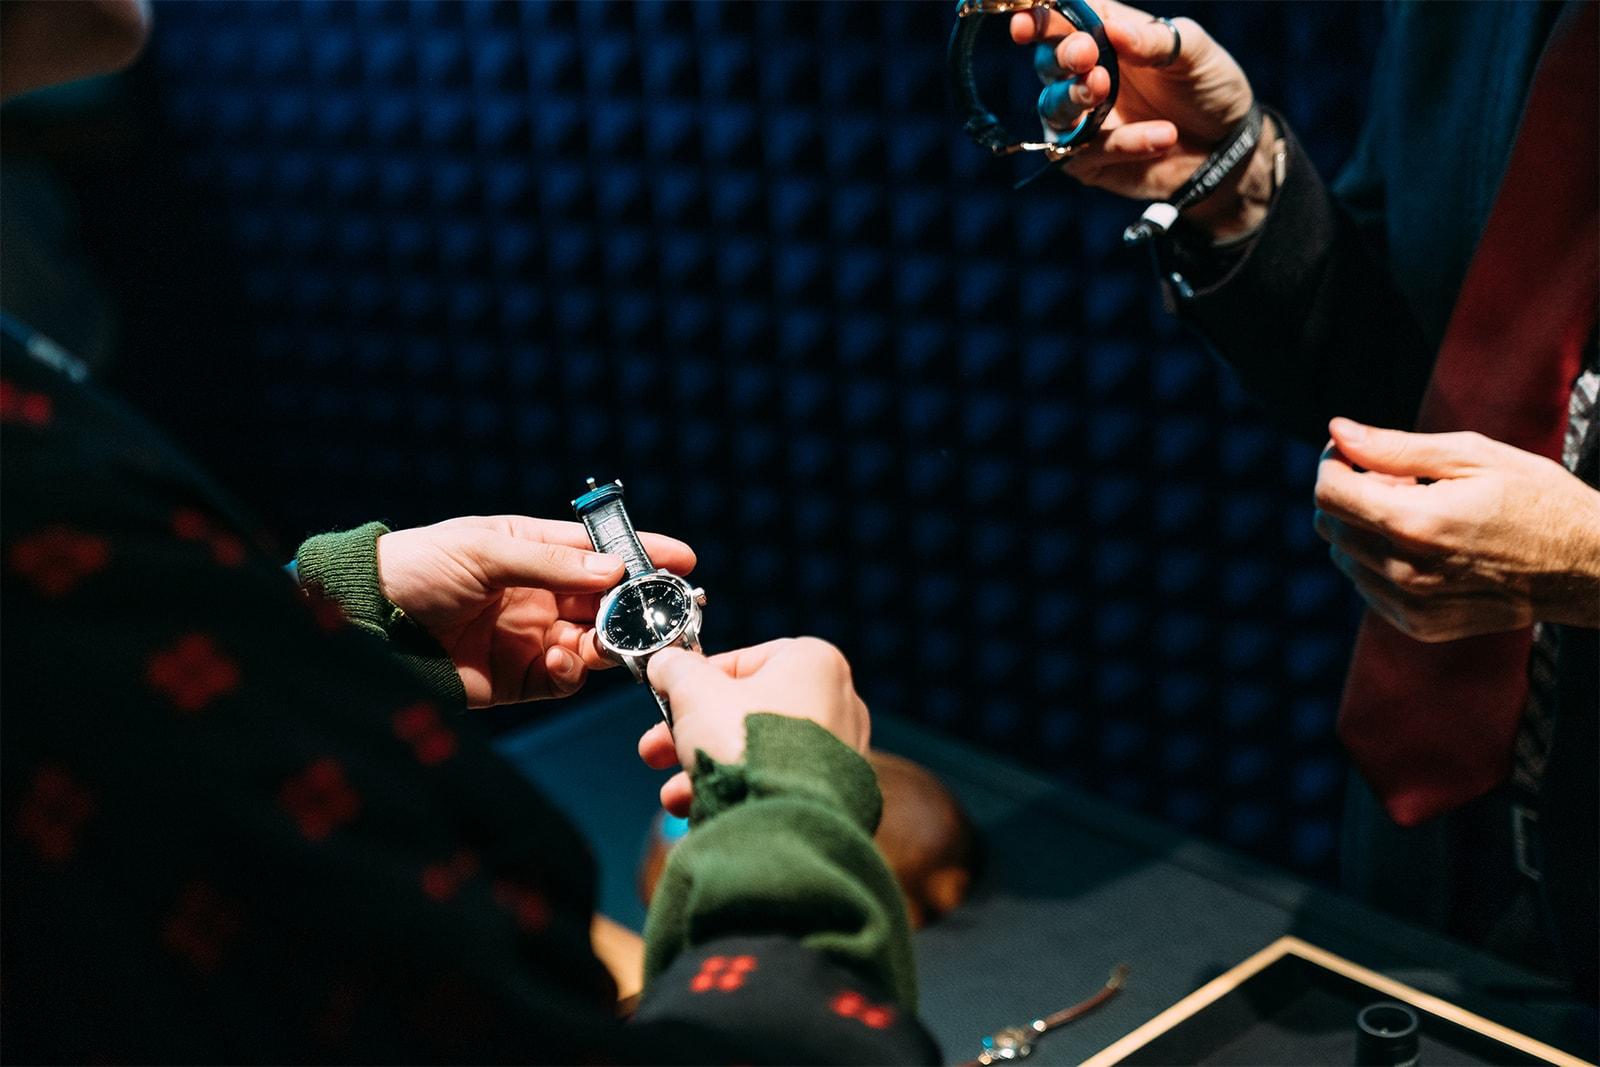 Audemars Piguet オーデマピゲ 高級 ウォッチ 時計  六本木 展示 エキシビジョン Mathieu Lehanneur(マシュー・レヌーヌー)が創造した世界観を、Dan Holdsworth(ダン・ホールズワース) 池田亮司、Alexandre Joly(アレクサンドル・ジョリー)